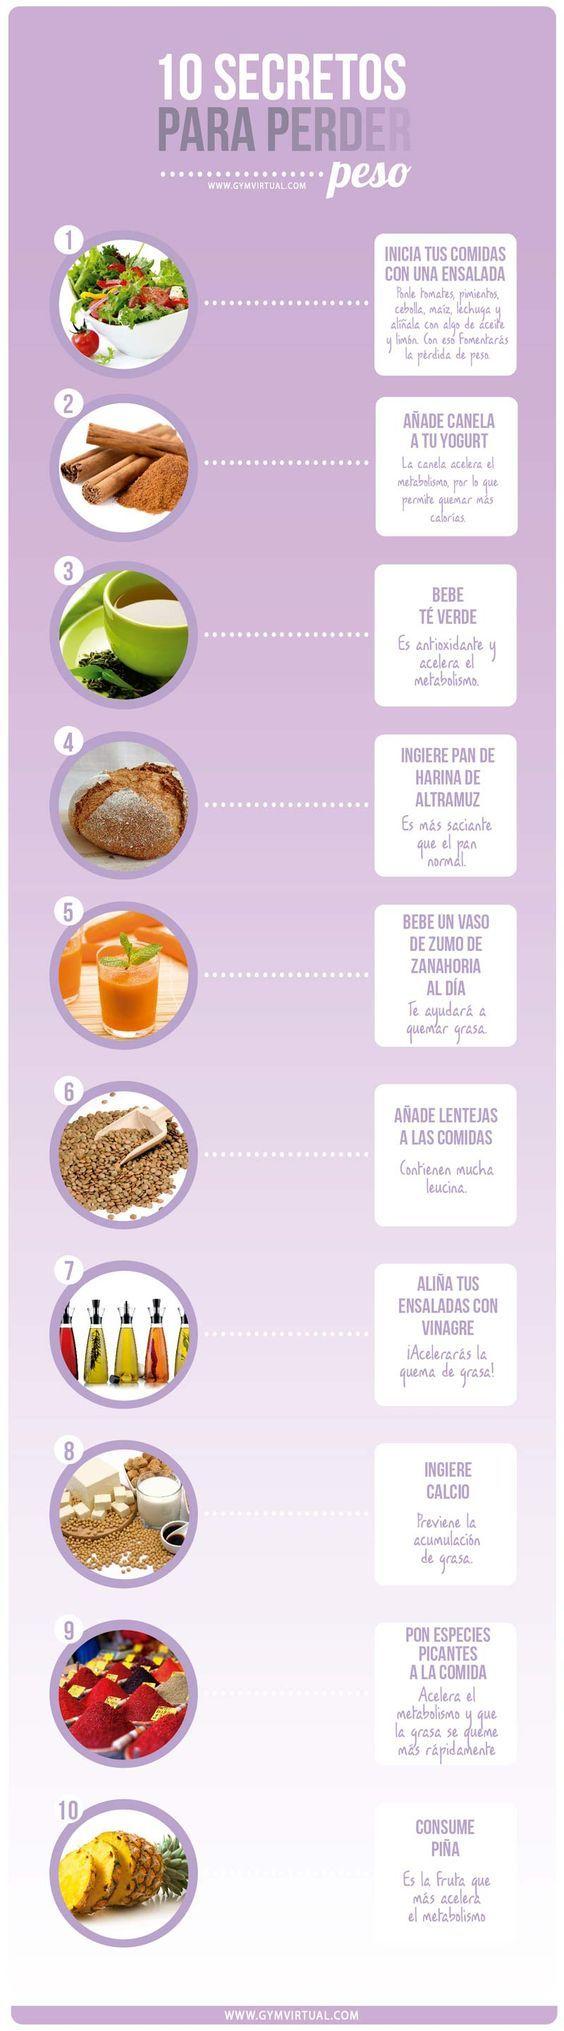 dieta contra la candidiasis genital